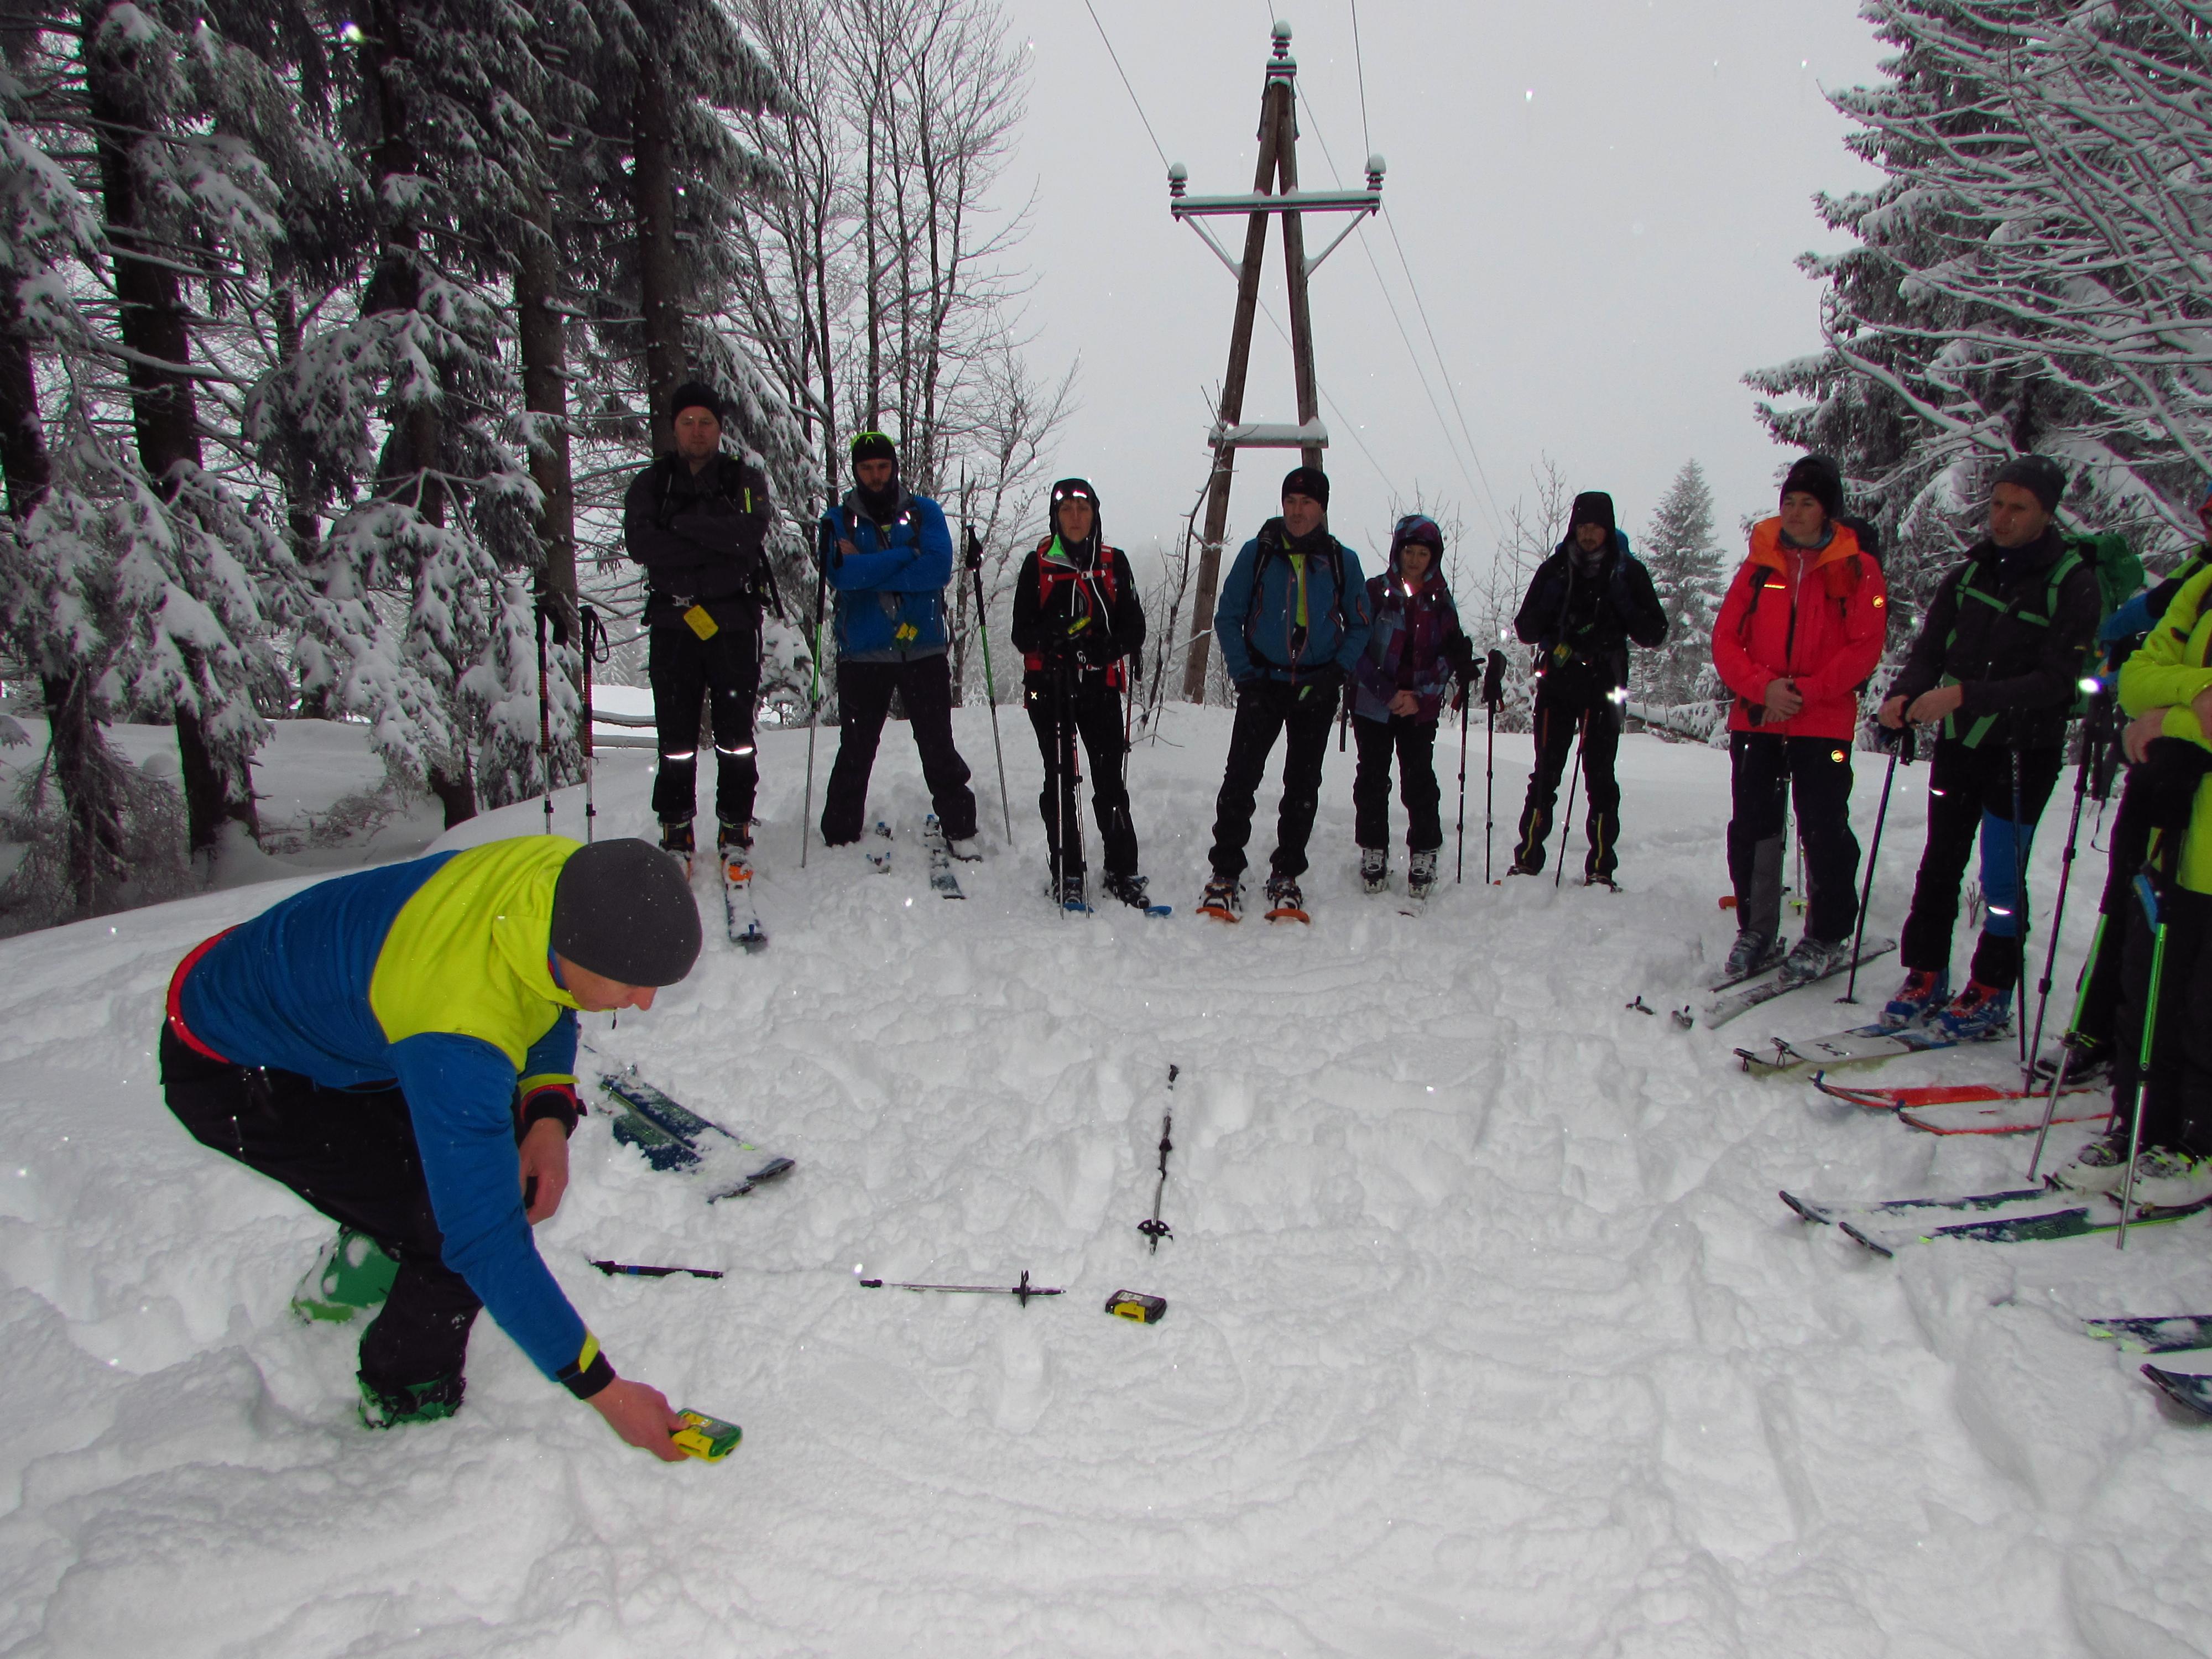 AUSGEBUCHT!!! Schi und Schneeschuhtour auf den Schlenken 1649m mit LVS - Training